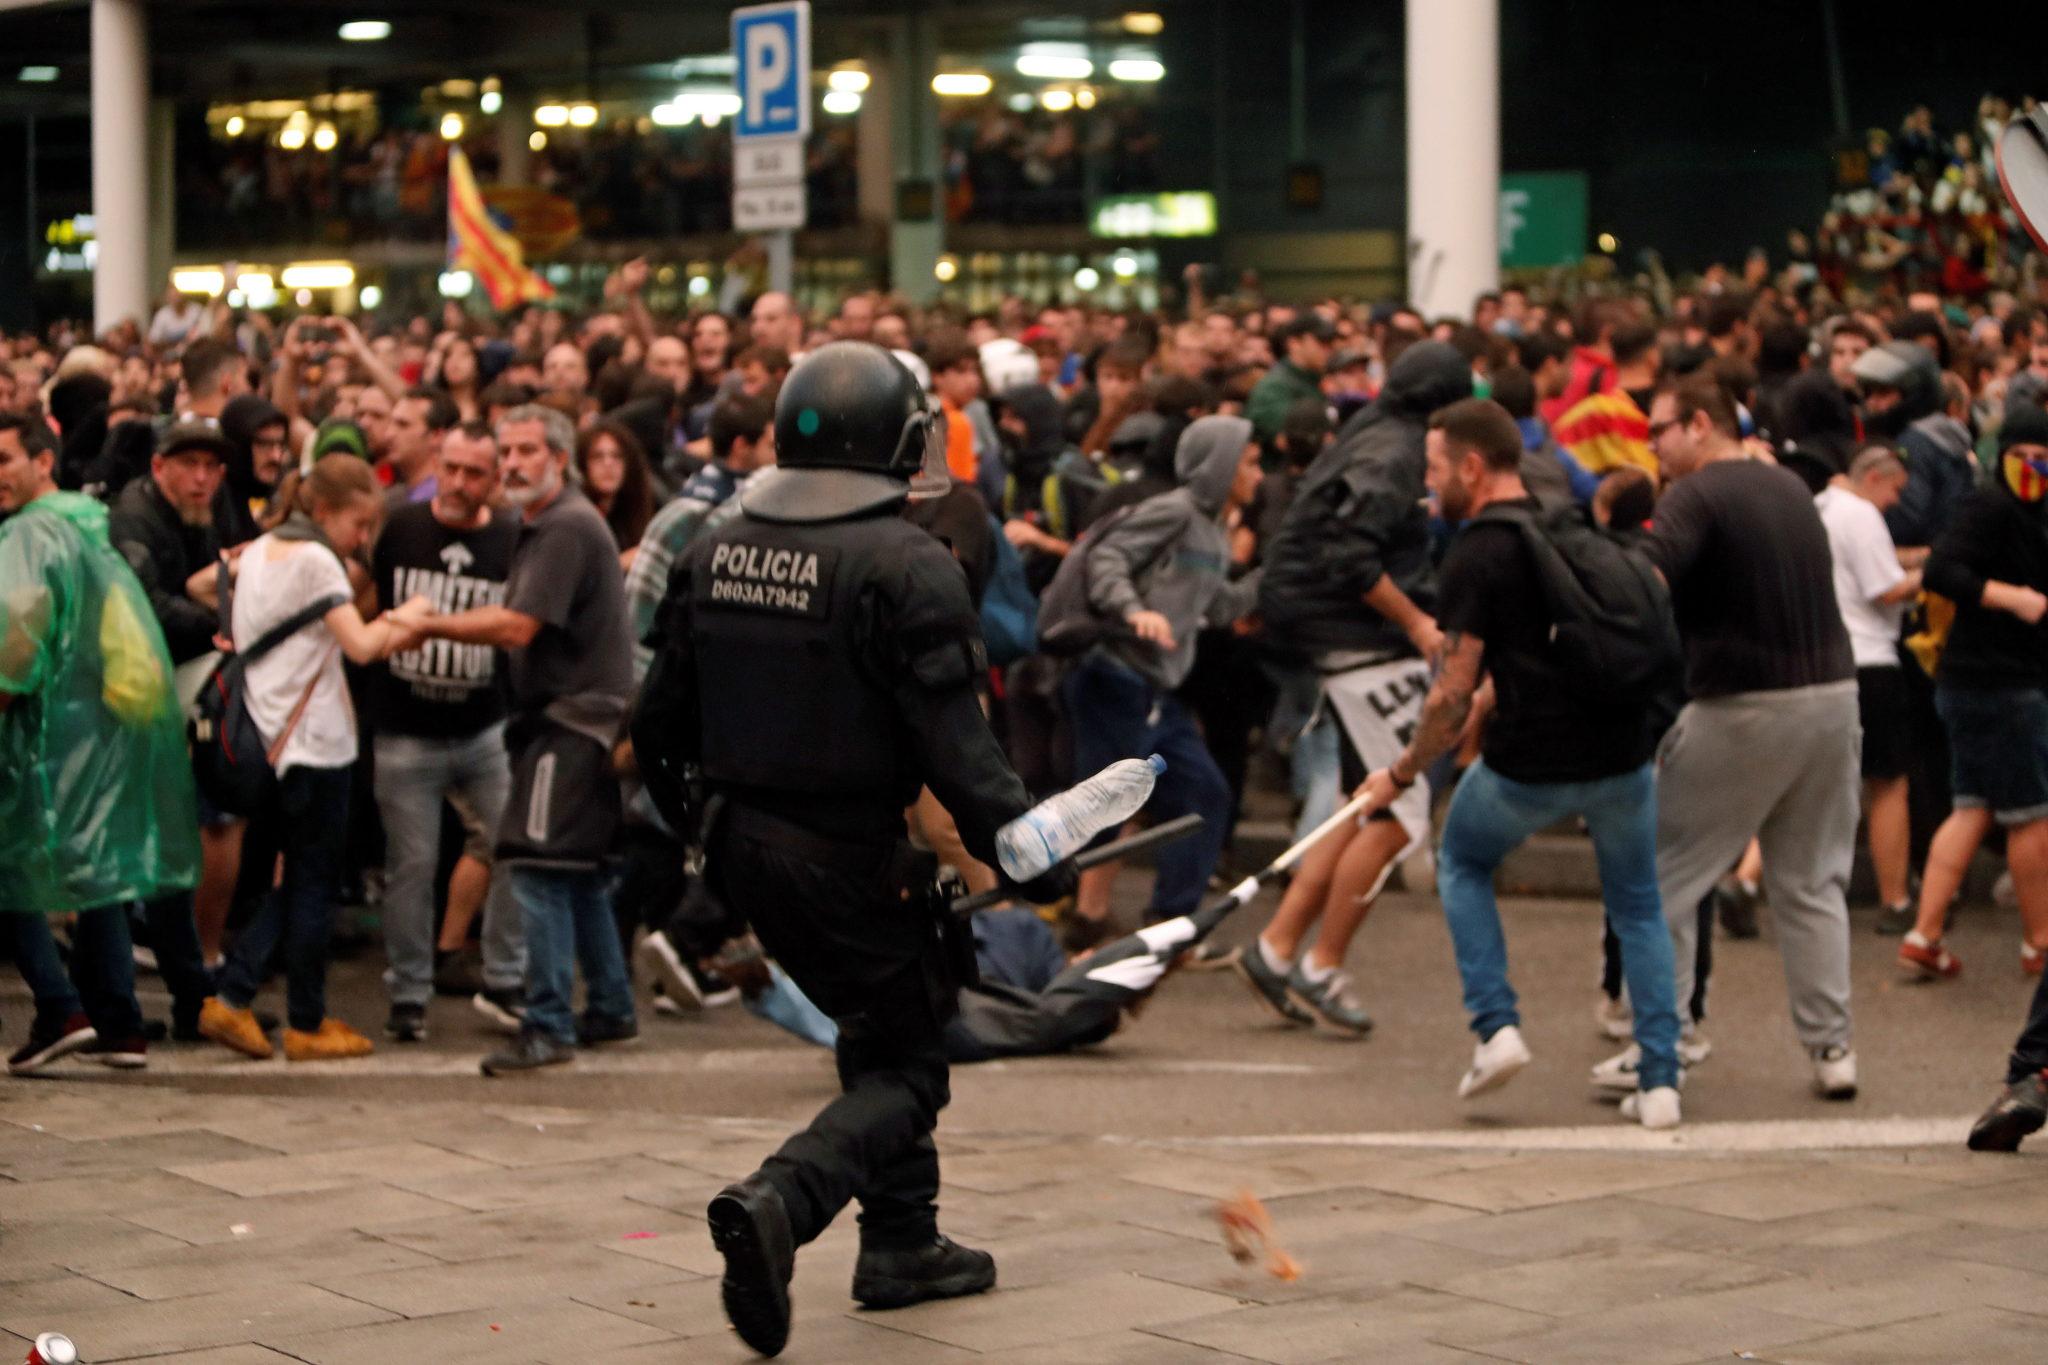 Hiszpańska policja użyła pałek, aby rozpędzić demonstrację w obronie katalońskich liderów. Manifestanci zablokowali wejście na lotnisko w Barcelonie, fot.JAUME SELLART , PAP/EPA